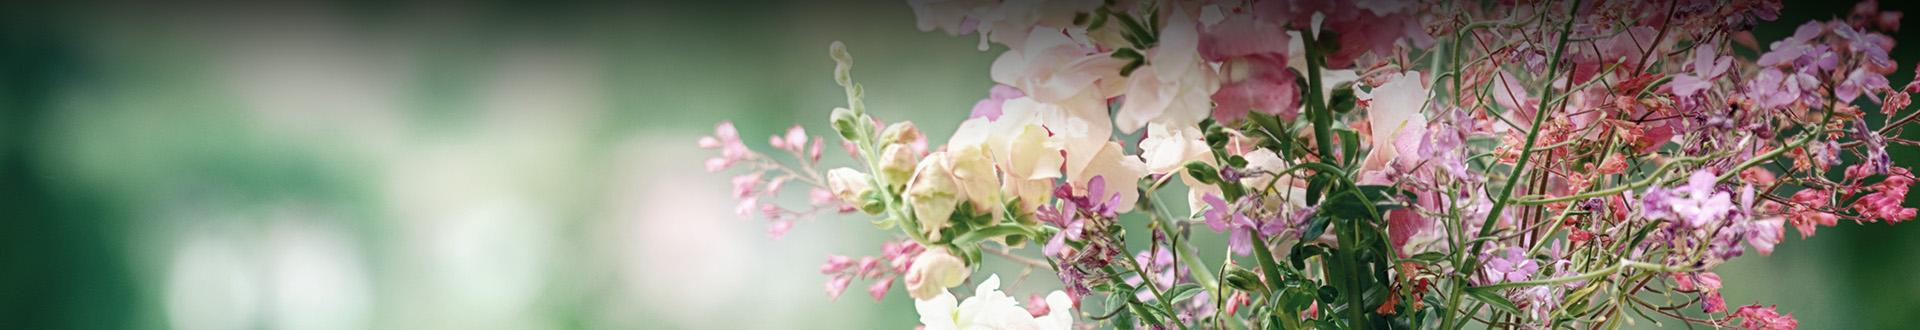 Biało-różowy bukiet kwiatów